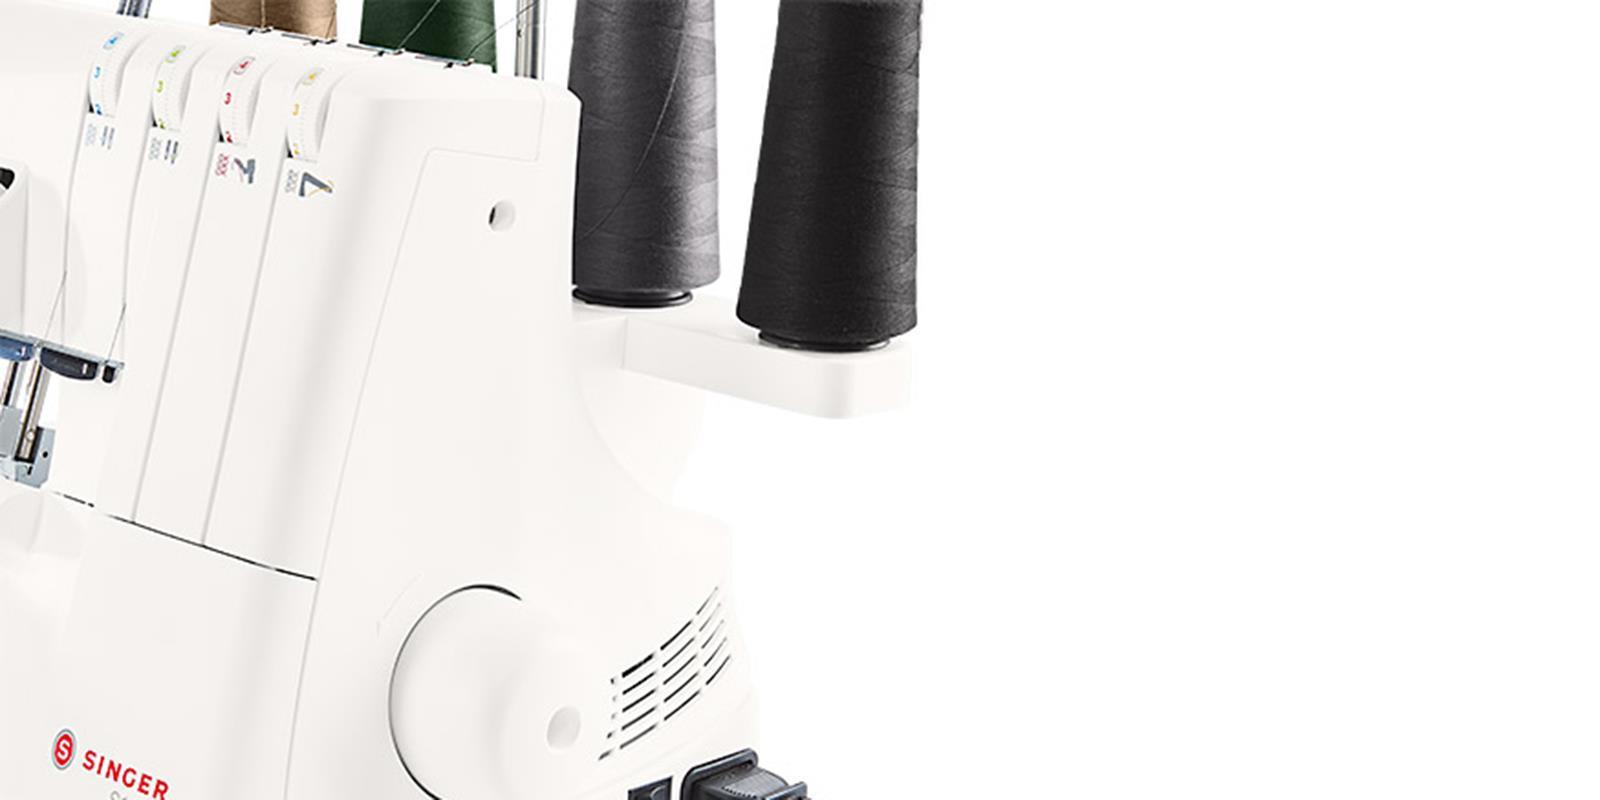 Singer Overlock Nähmachine S14-78 Haushaltsgerät Elektrisch *B-Ware